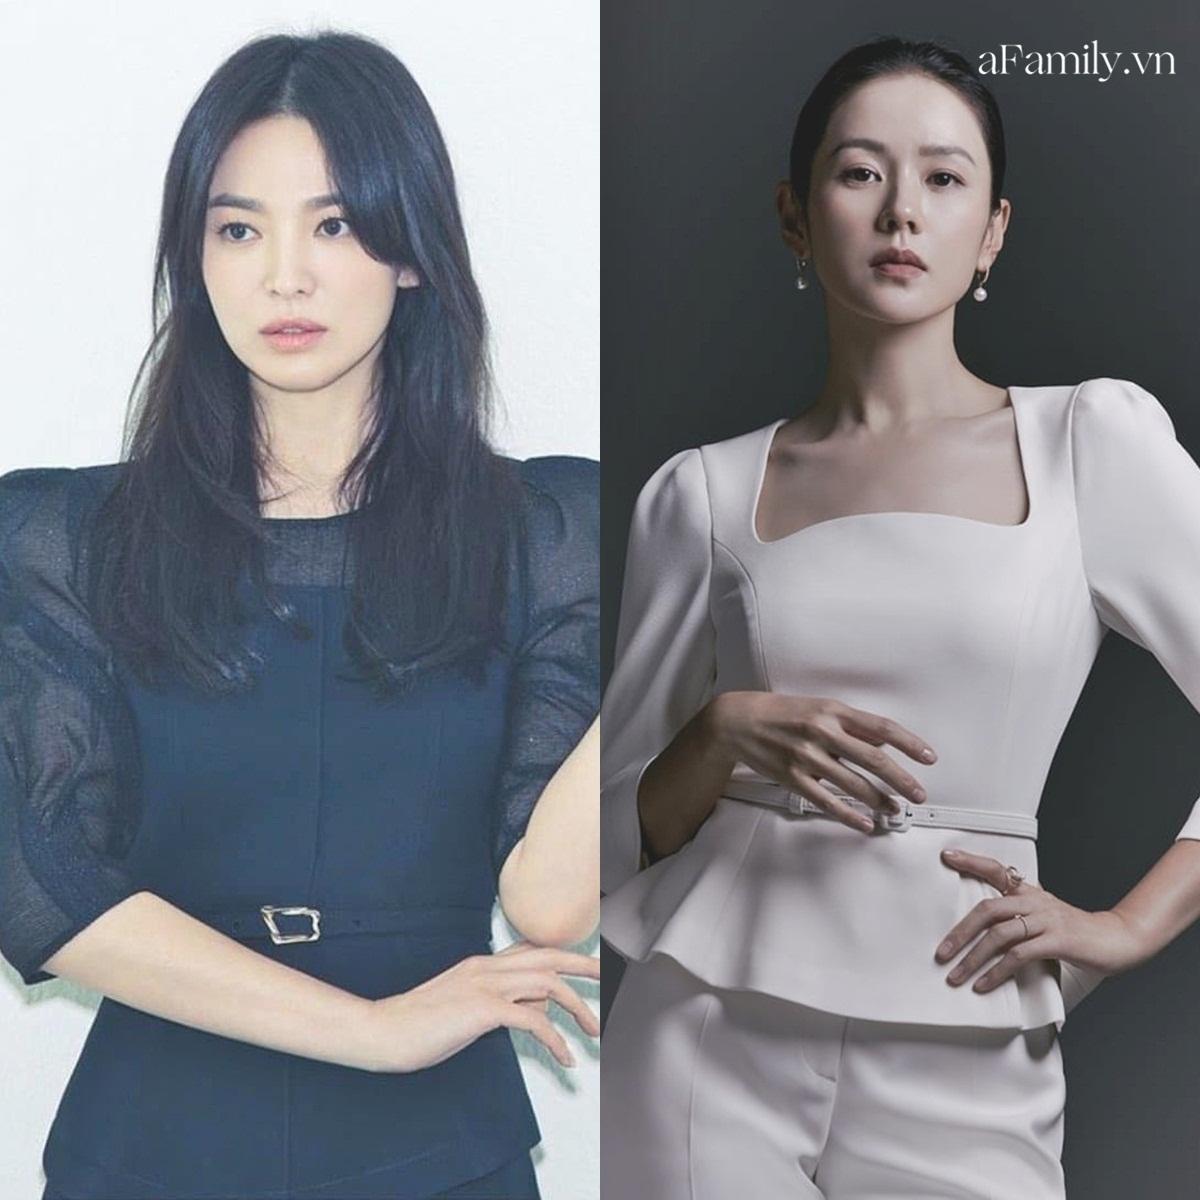 Song Hye Kyo Son Ye Jin làm mẫu đồ công sở Thu Đông - Ảnh 1.